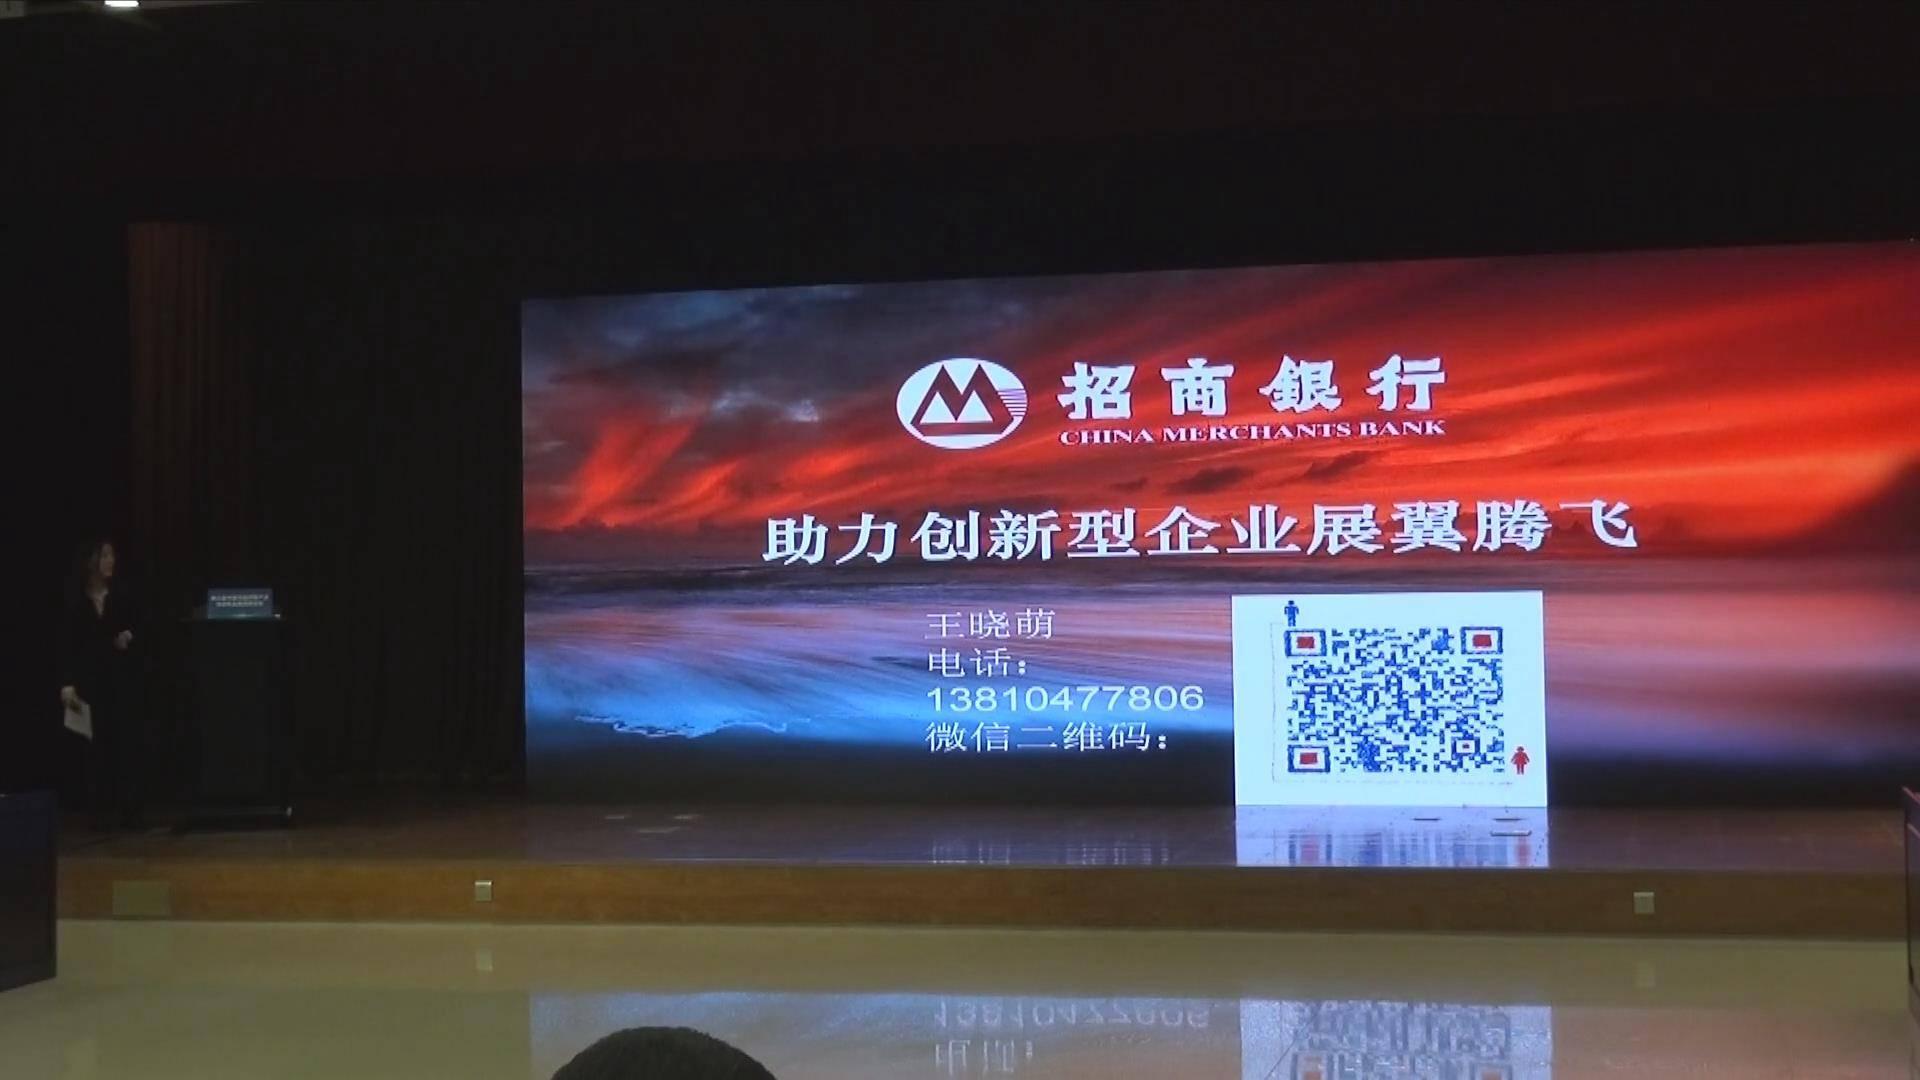 王晓萌:招商银行助力创新型企业展翼腾飞